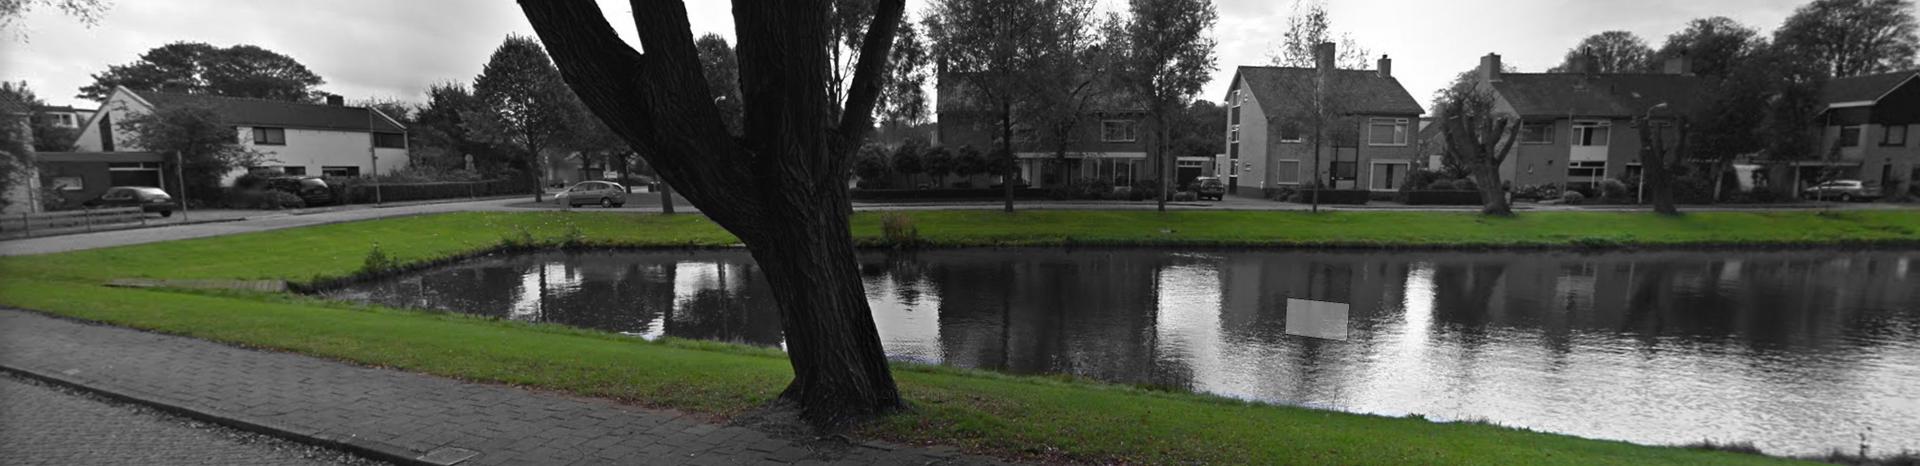 Letselschade Beverwijk | LetselPro